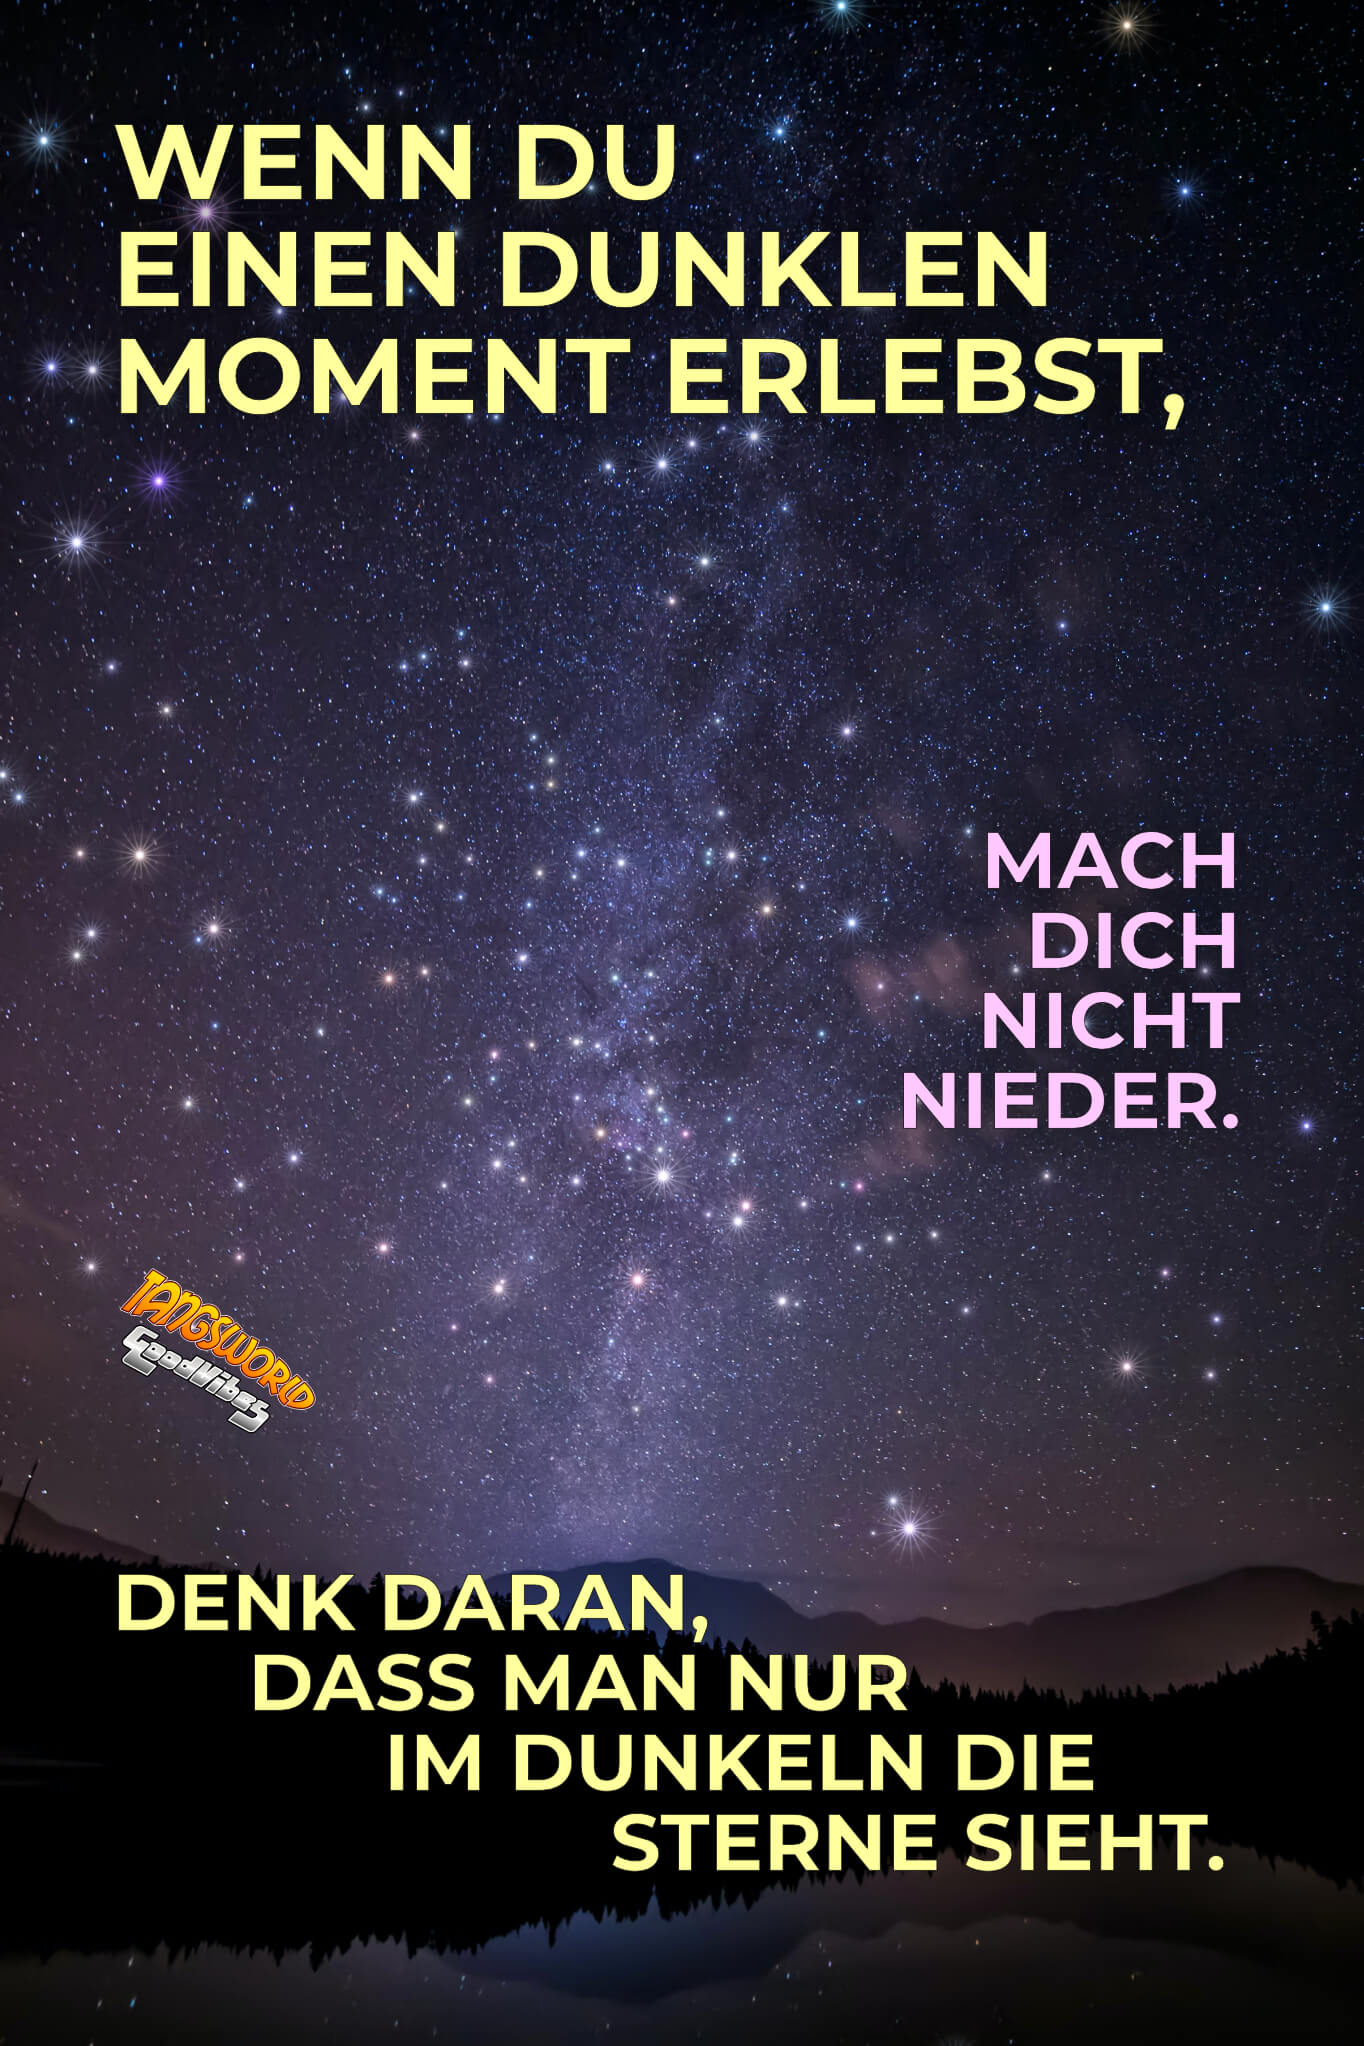 Wenn du einen dunklen Moment erlebst, mach dich nicht nieder. Denk daran, dass man nur im Dunkeln die Sterne sieht. - GoodVibes